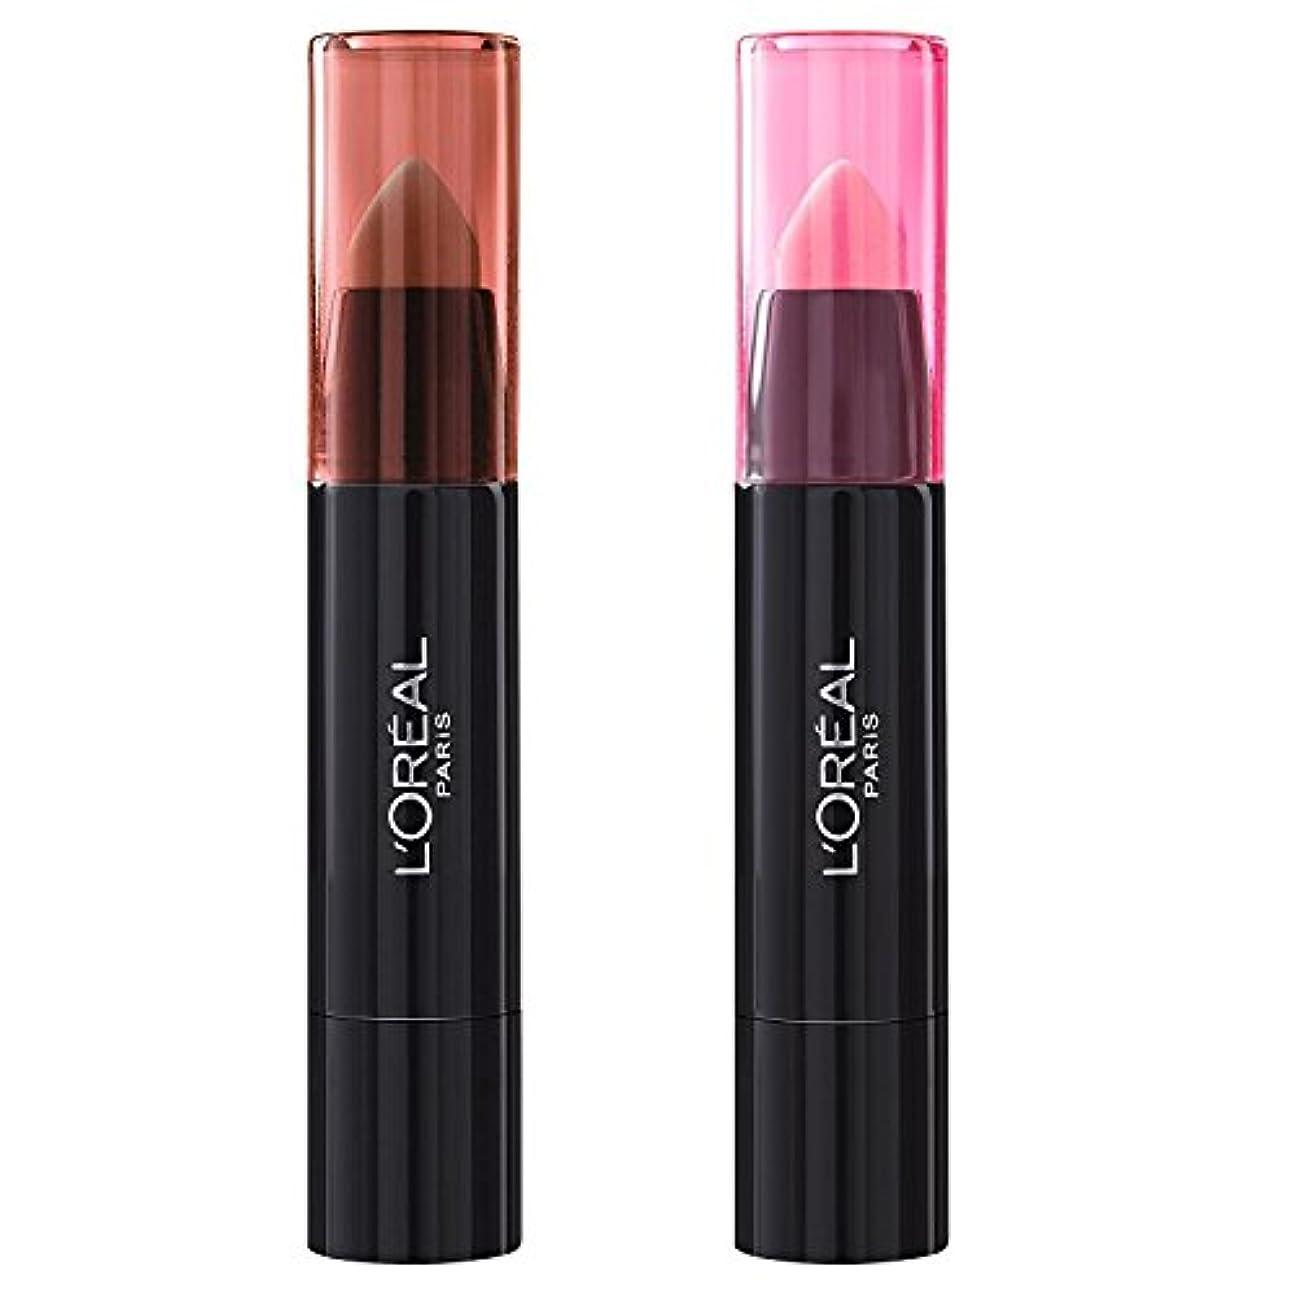 検閲思いやり少数L'Oréal Paris Lippenbalsam INFAILLIBLE SEXY BALM - 108 Whaaat? + 101 We Wear Pink (2 Stück)